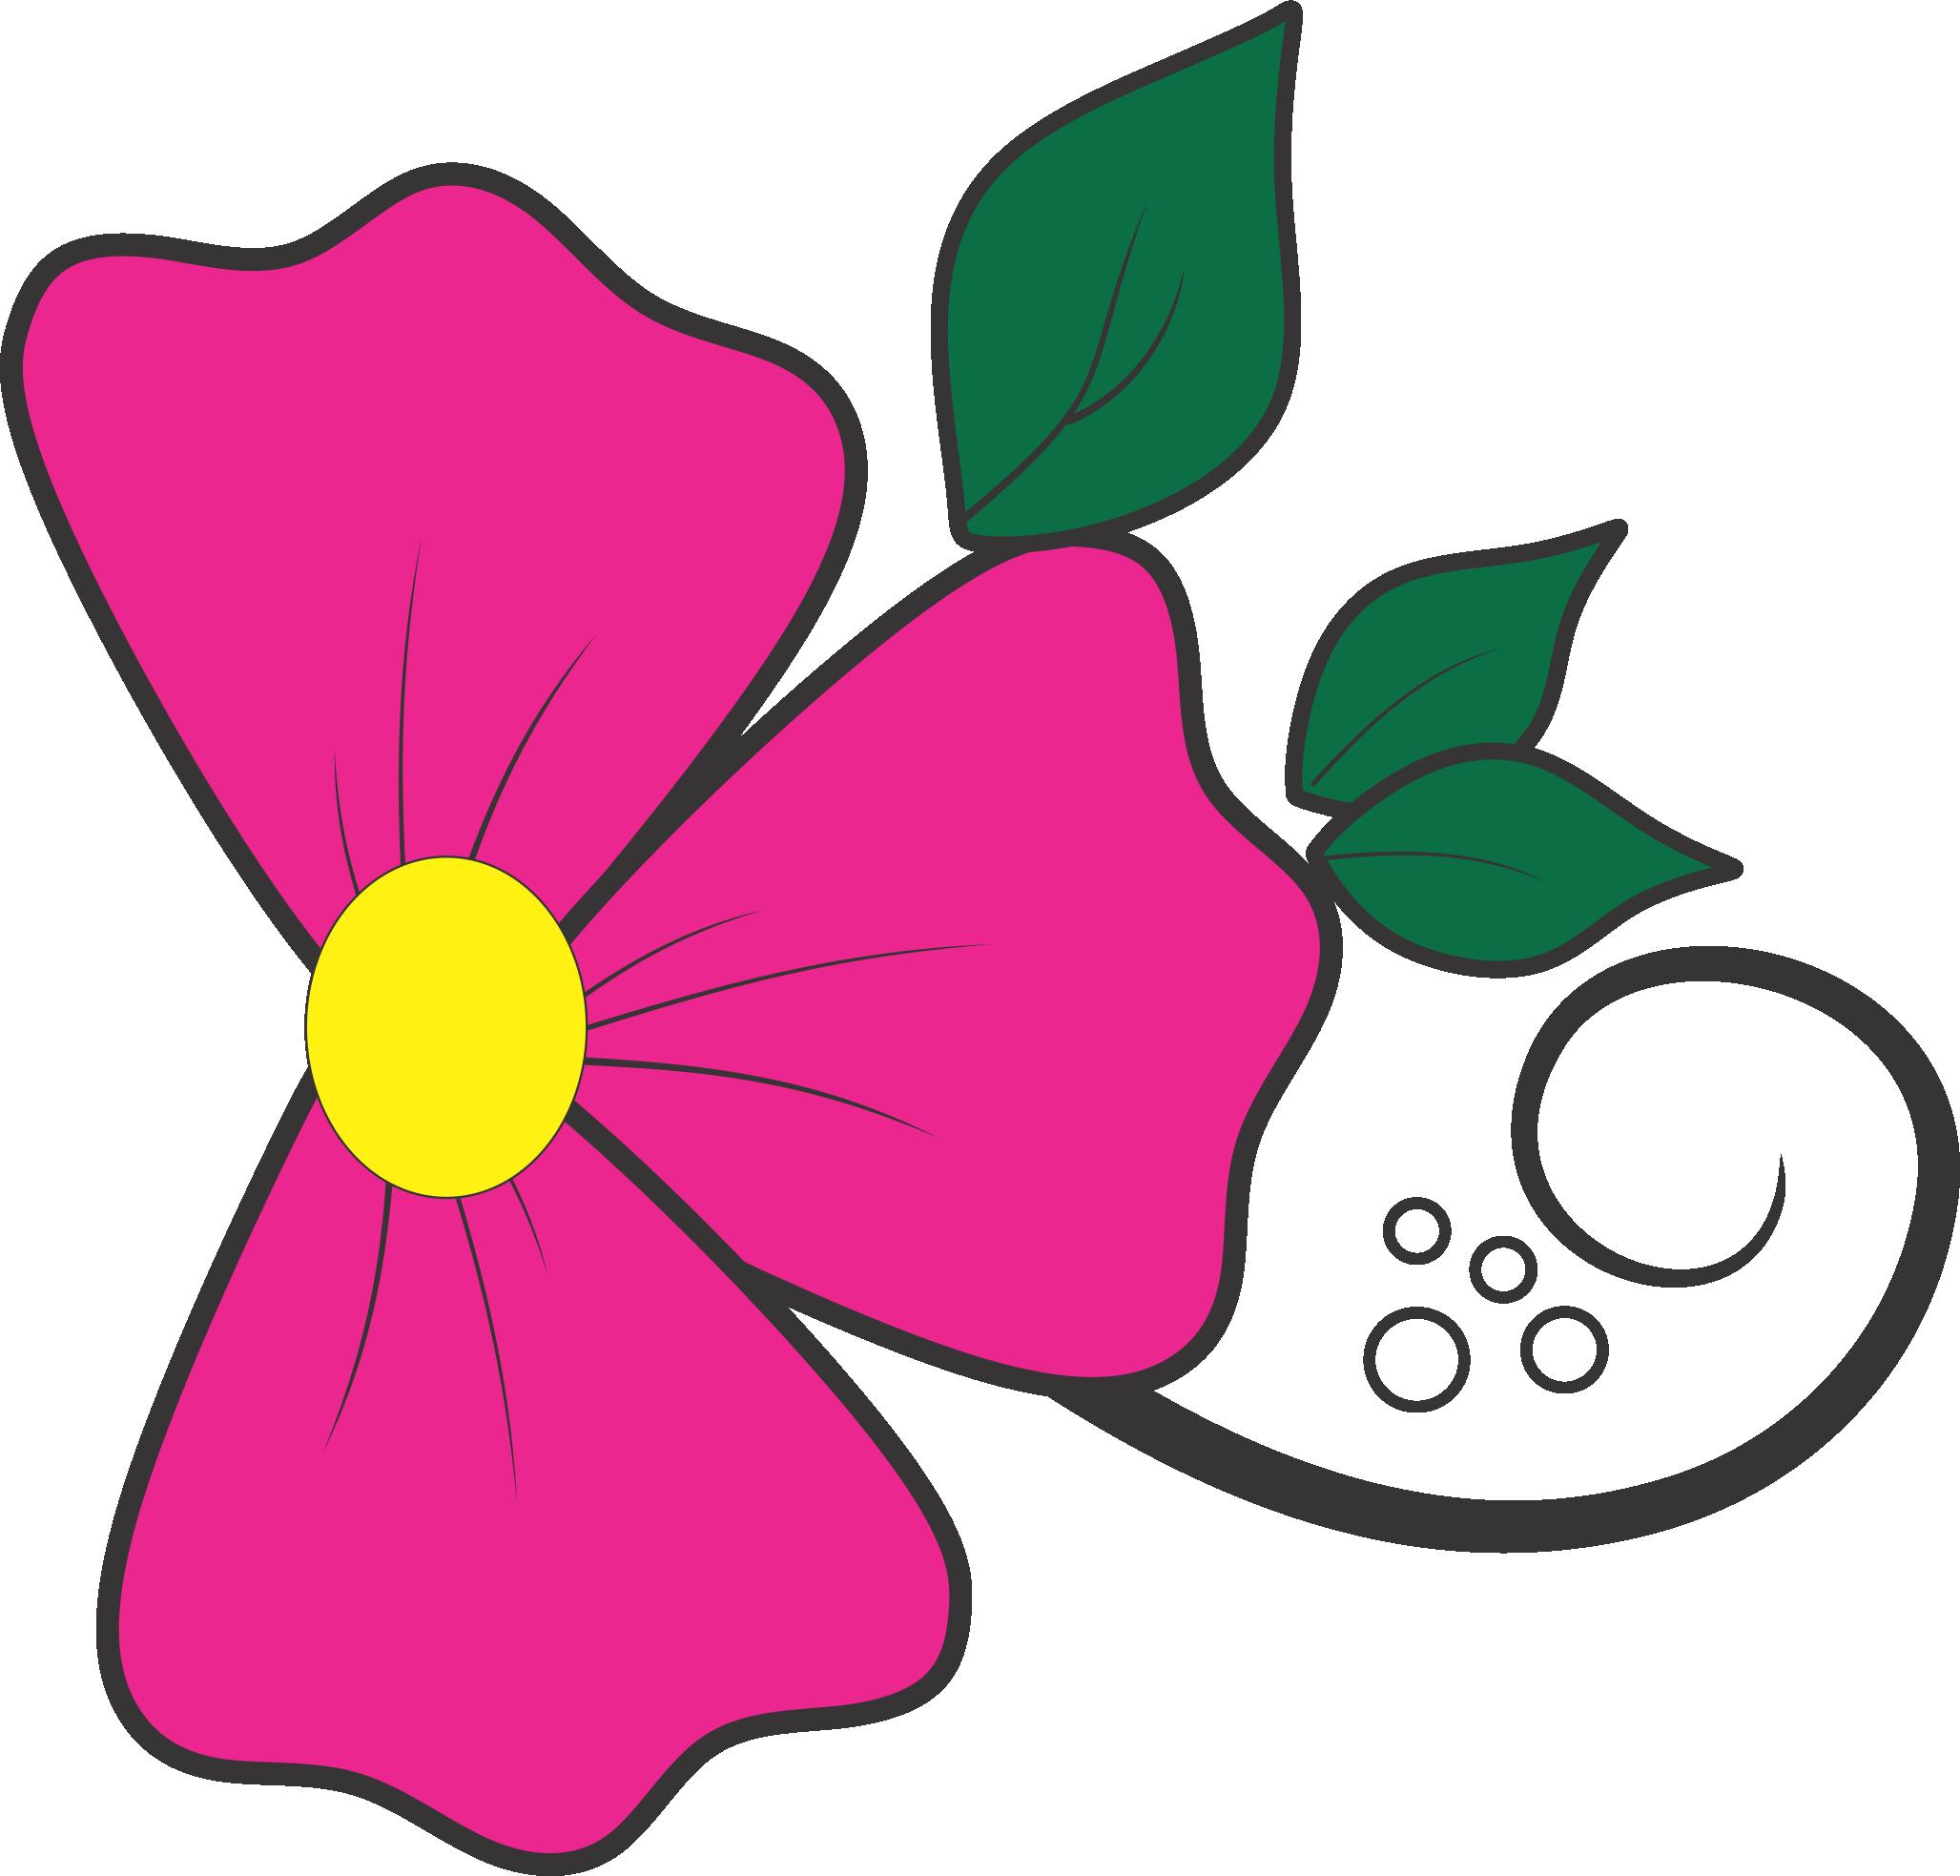 Flor rosa amarelo folha verde para adesivos de unha artesanal uas flor rosa amarelo folha verde para adesivos de unha artesanal altavistaventures Gallery